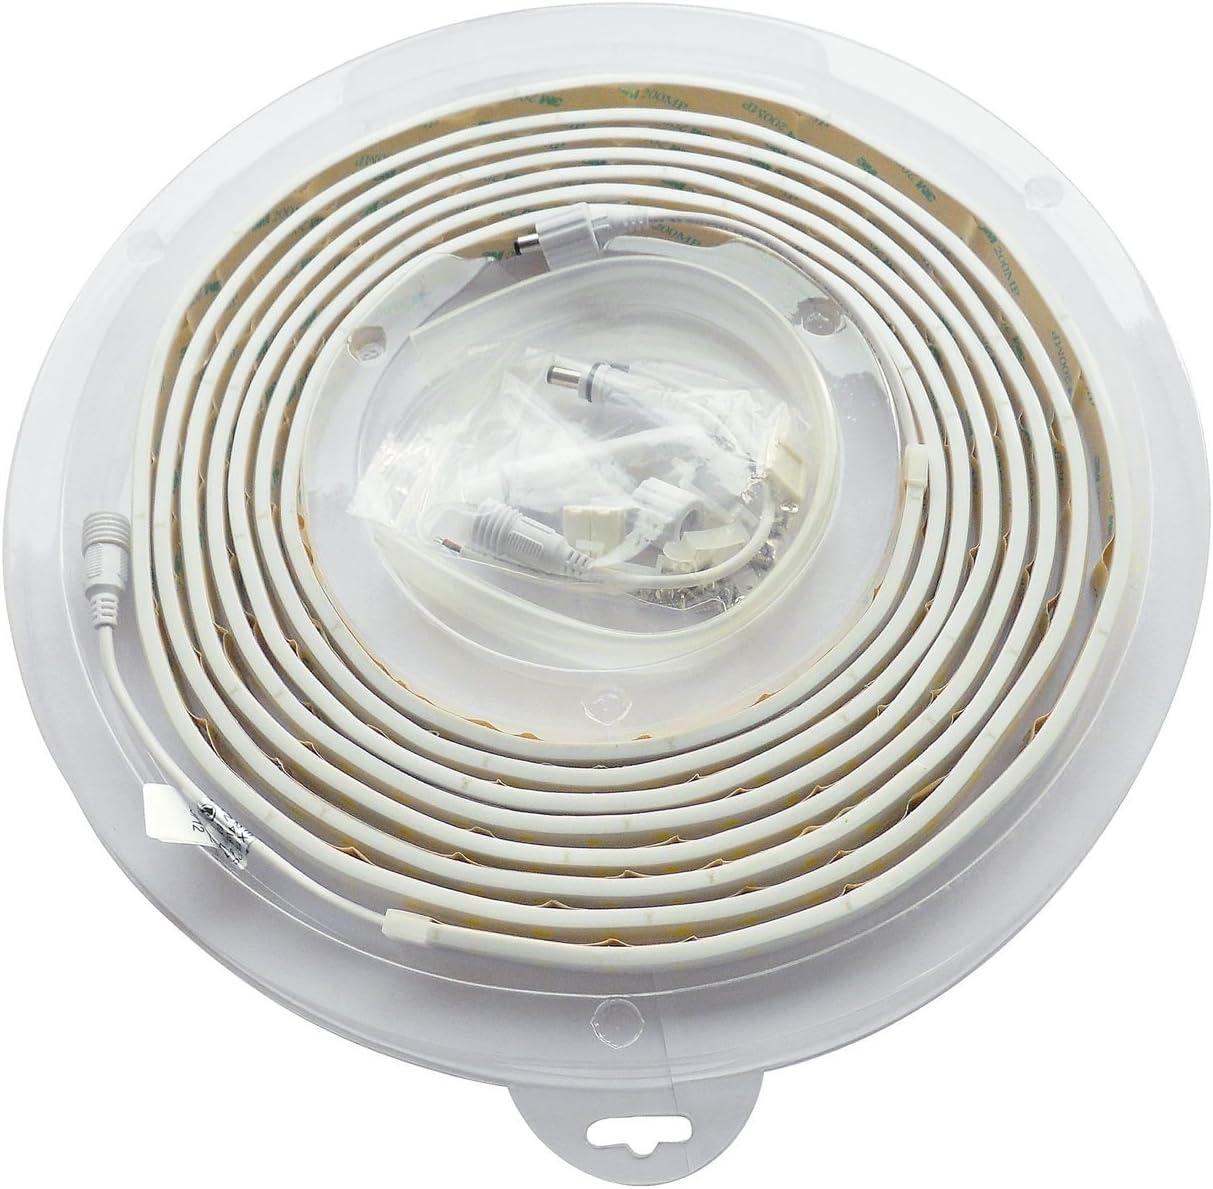 E27 Relco LED No Flex Monocromatica 2.5W 3000K Ip54 2.5 W